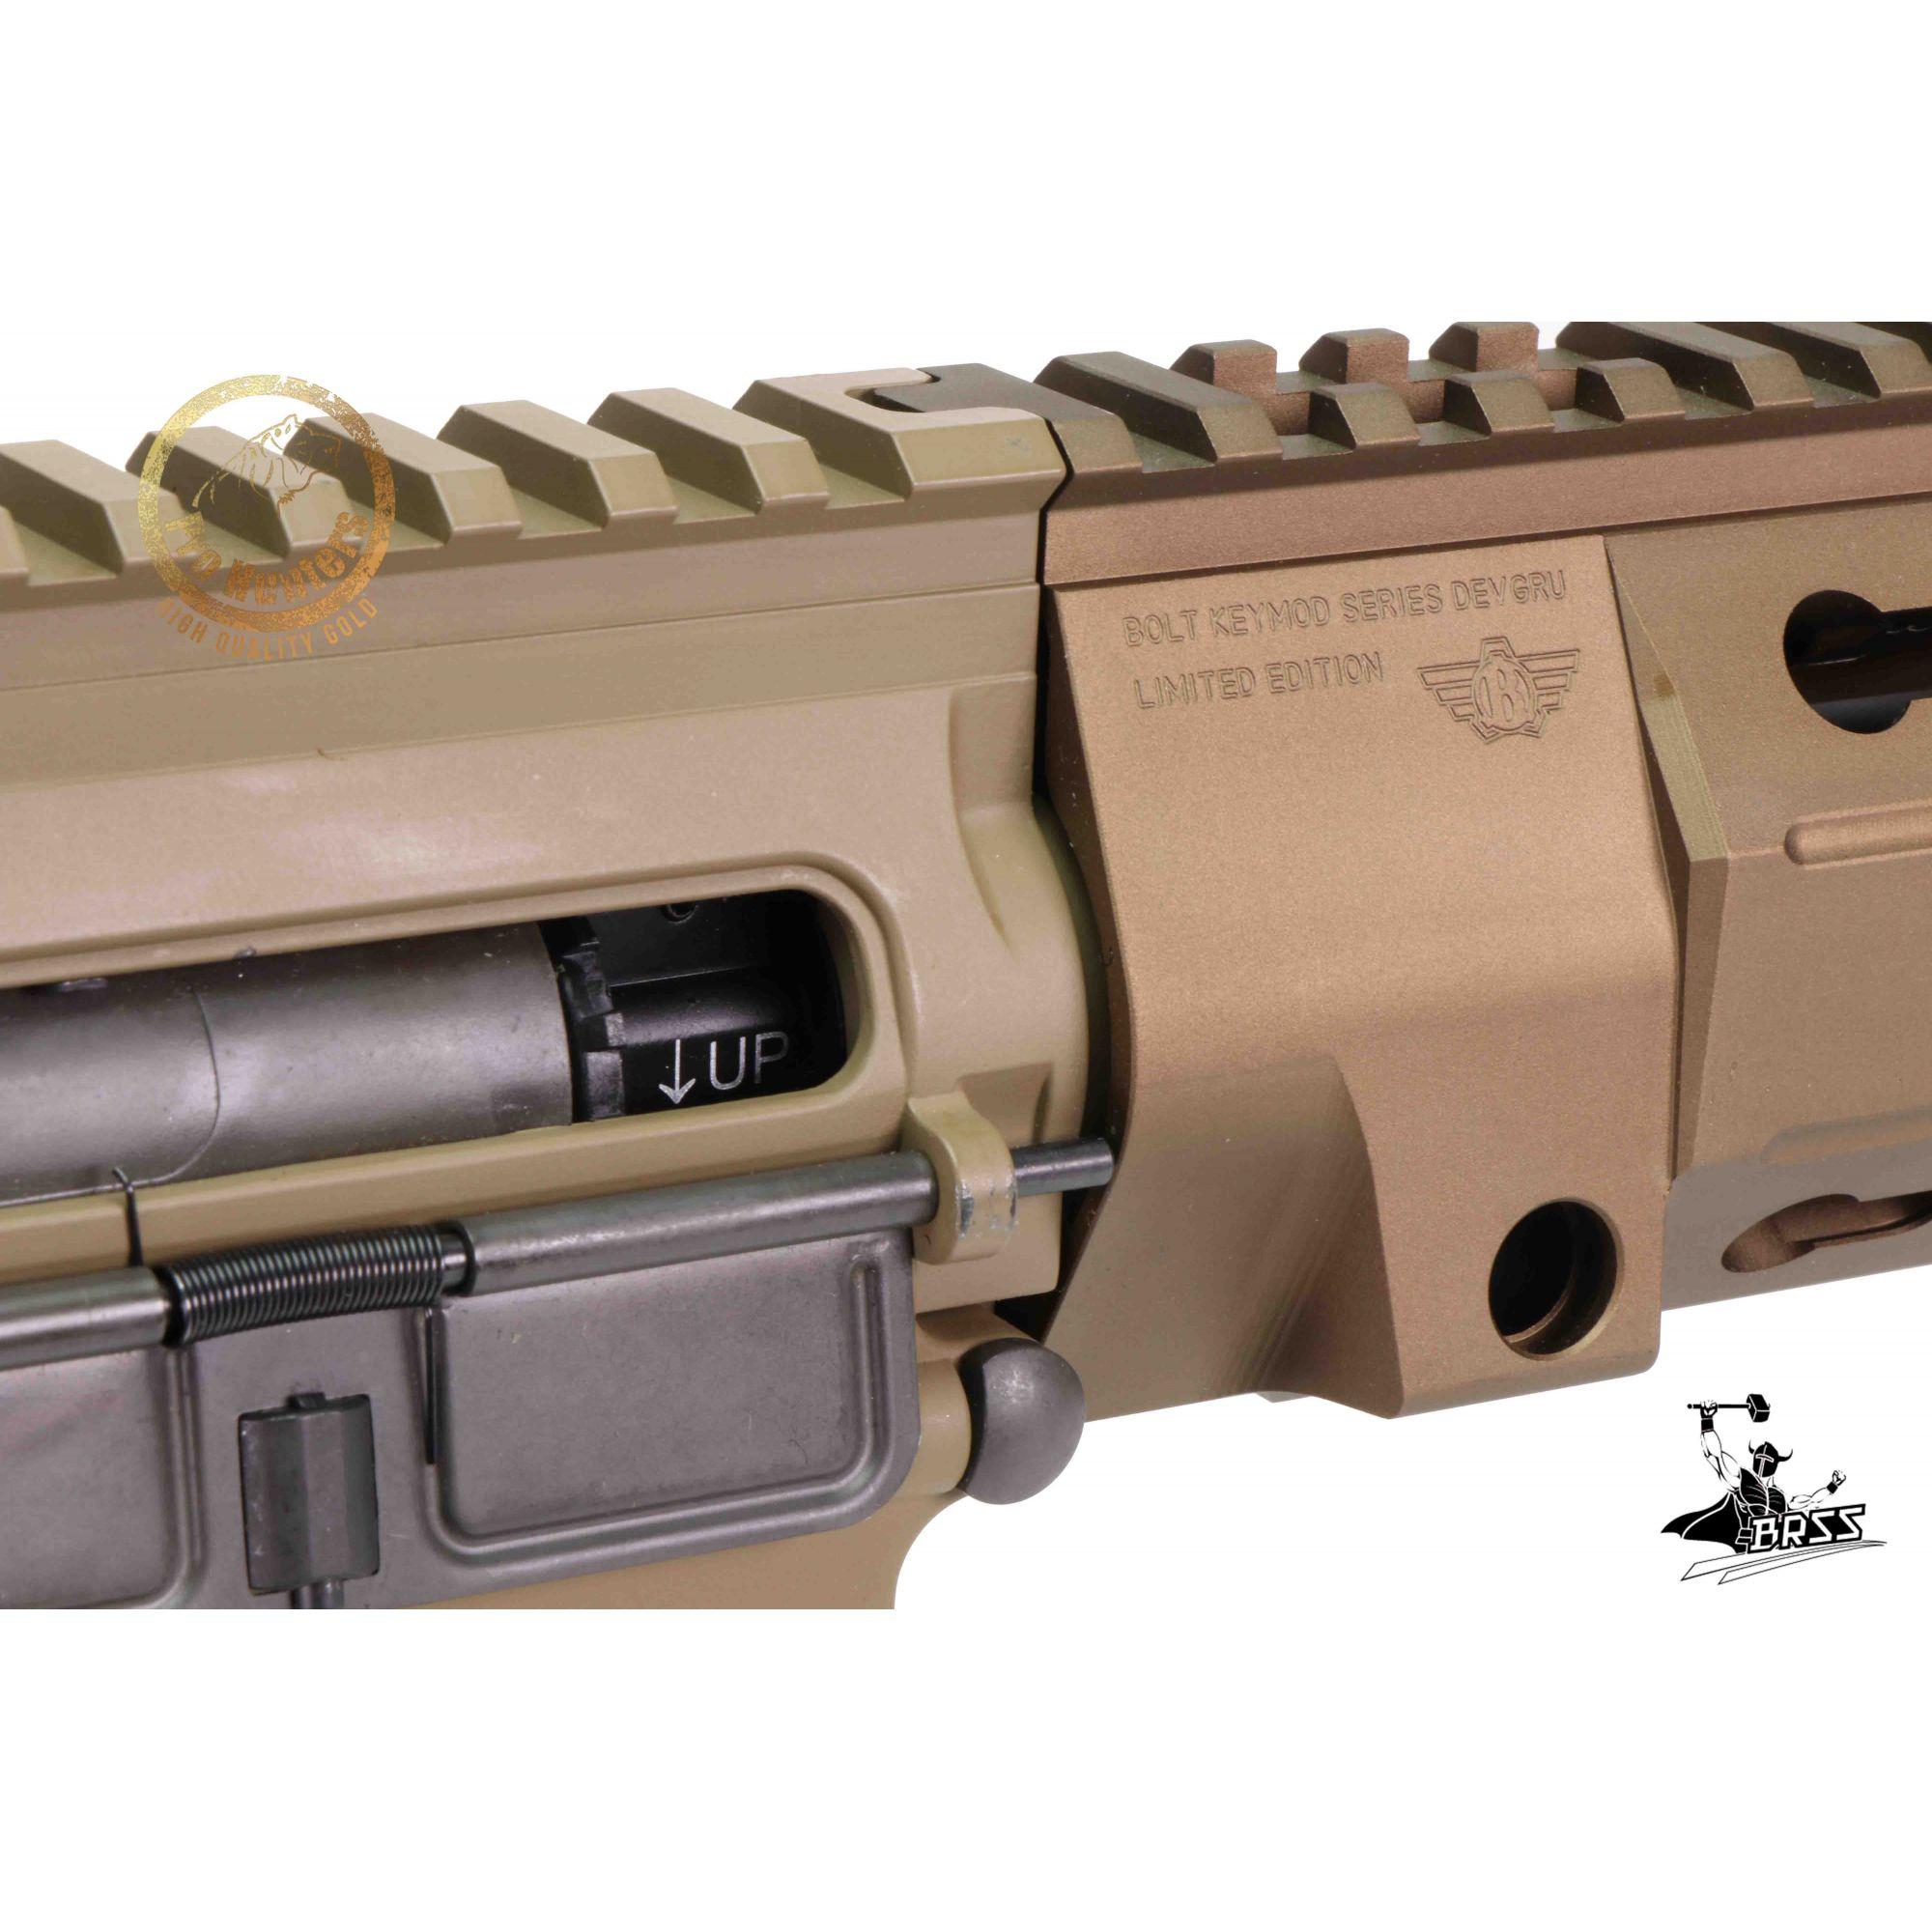 Rifle Airsoft M4 BOLT B4 DEVGRU K12 - Tan Full Metal - Blowback & Recoil System